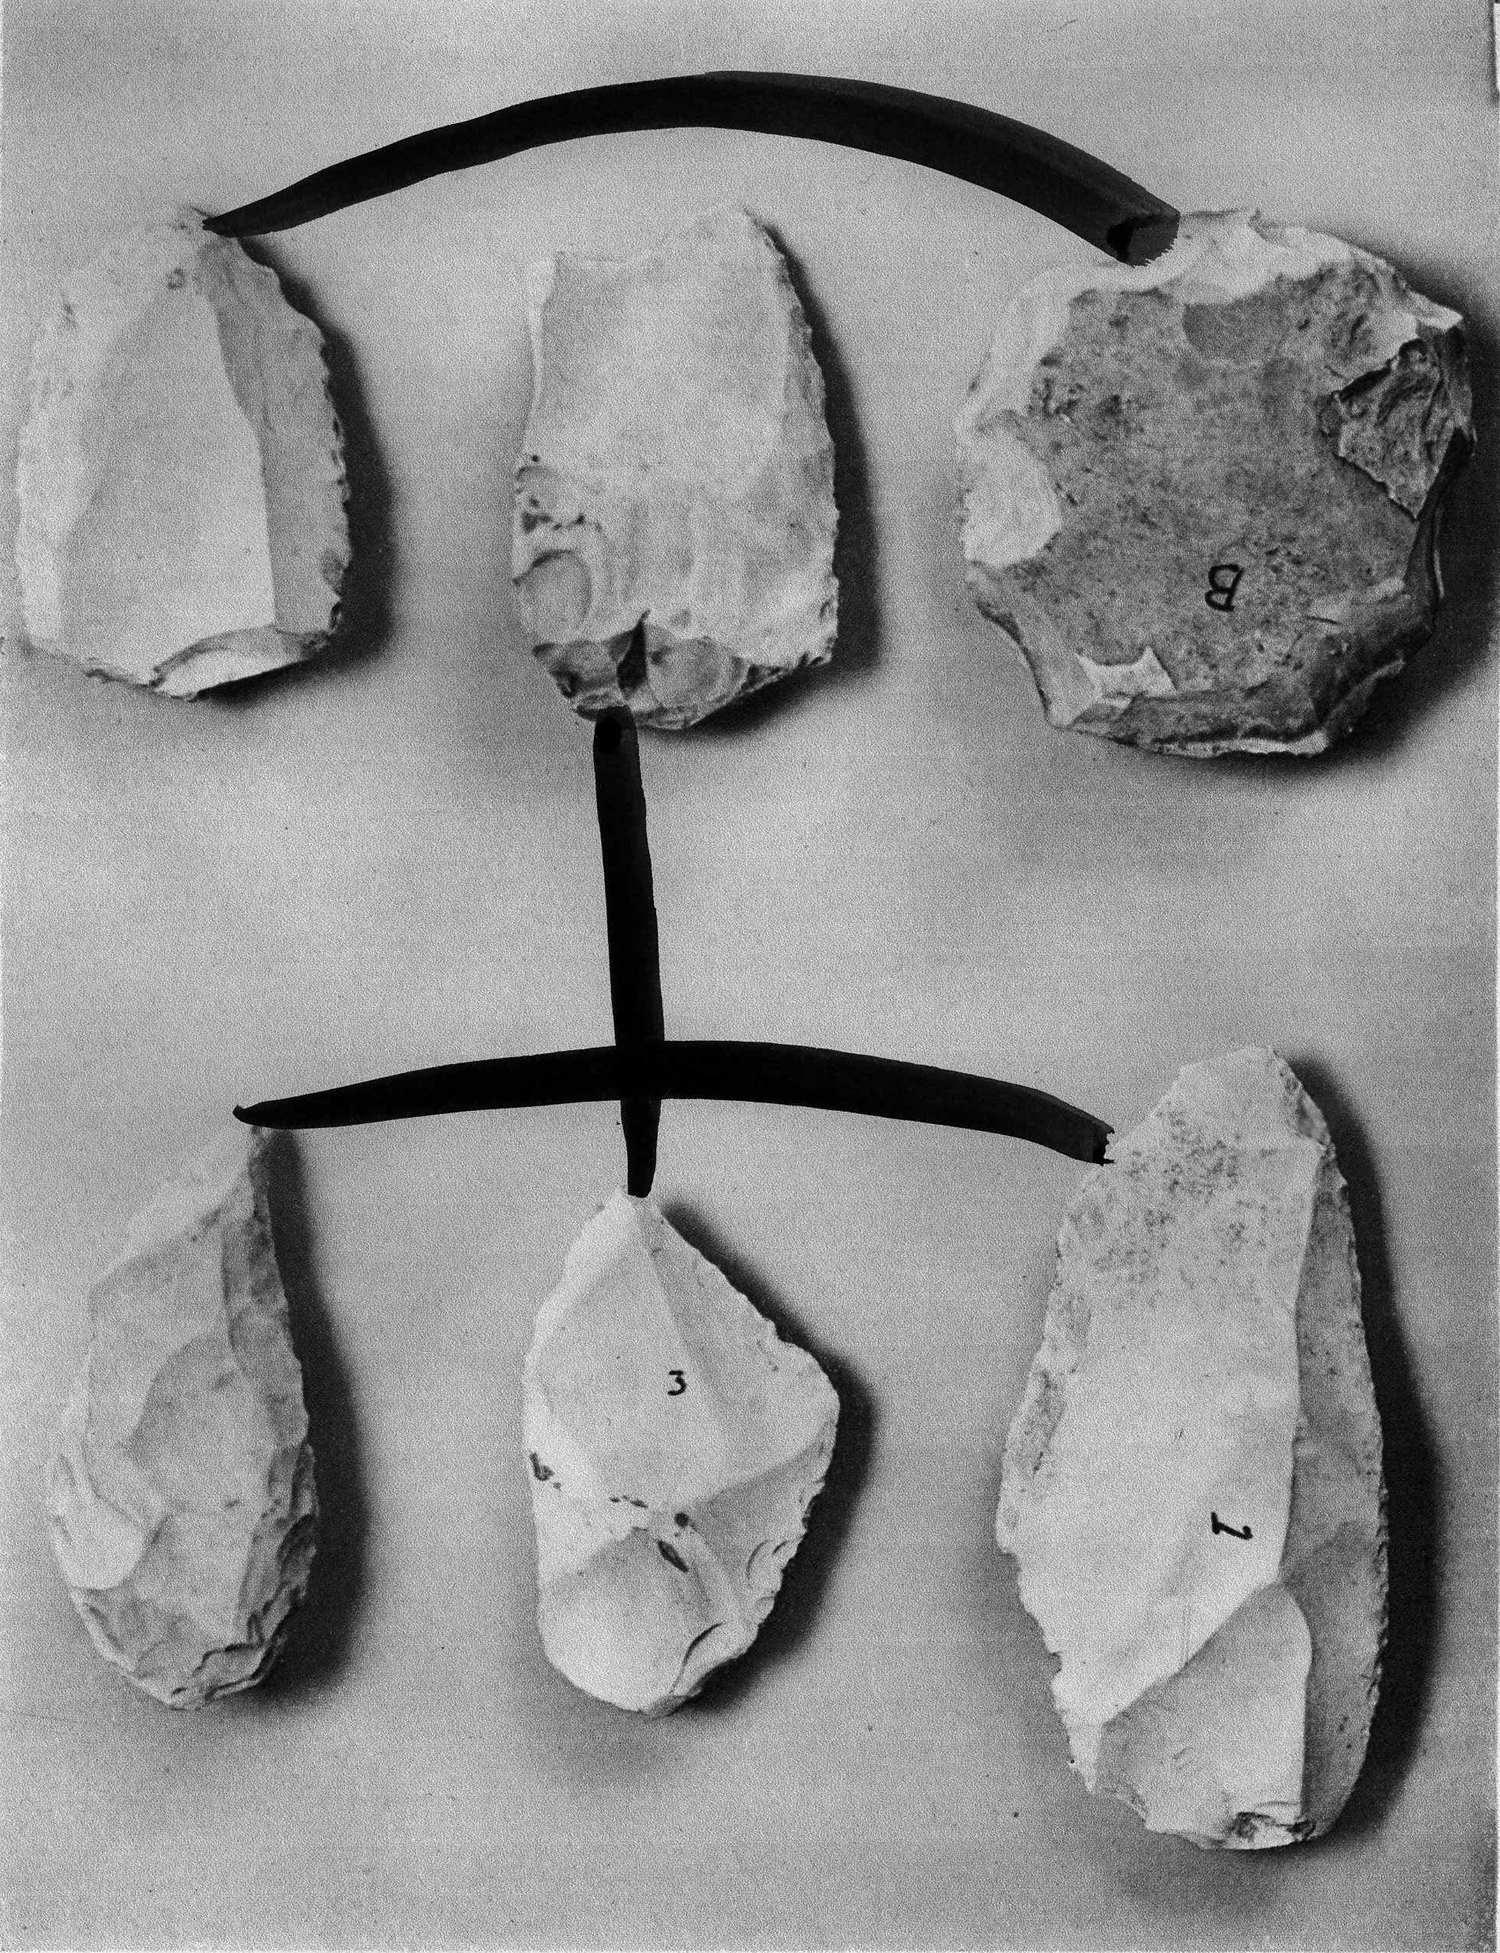 Facies Mousterien 1, photographie noir et blanc rehaussée@à l'aquarelle (80 x 60 cm)